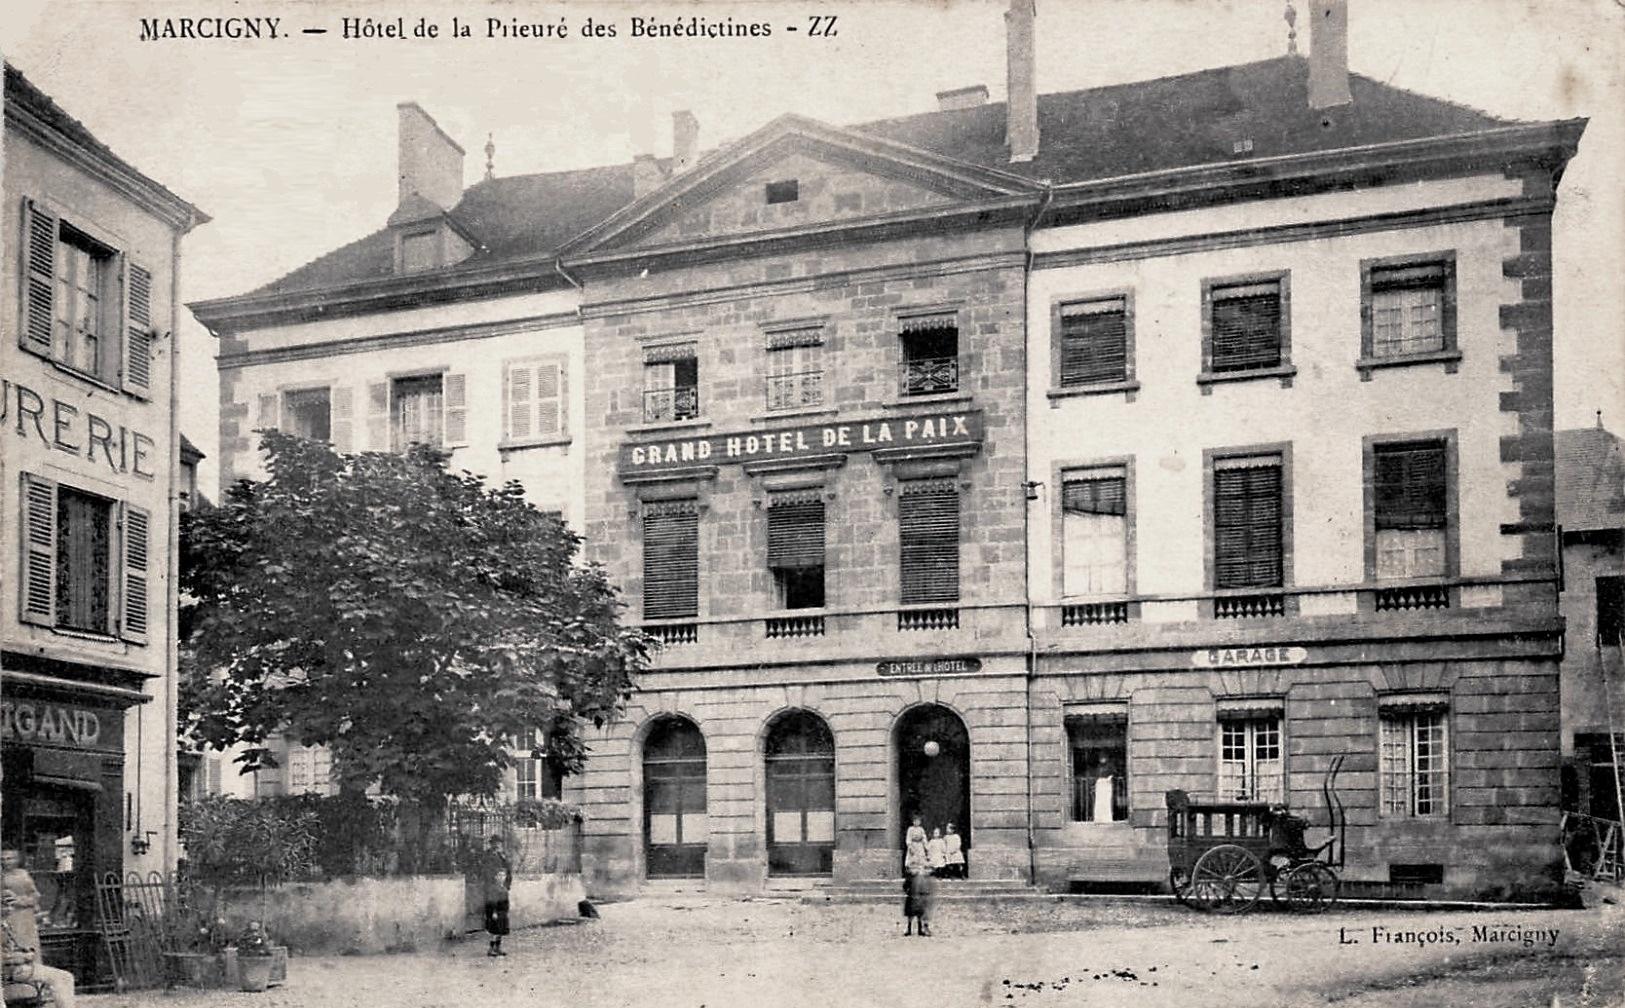 Marcigny (71) Hôtel particulier de la Prieure CPA